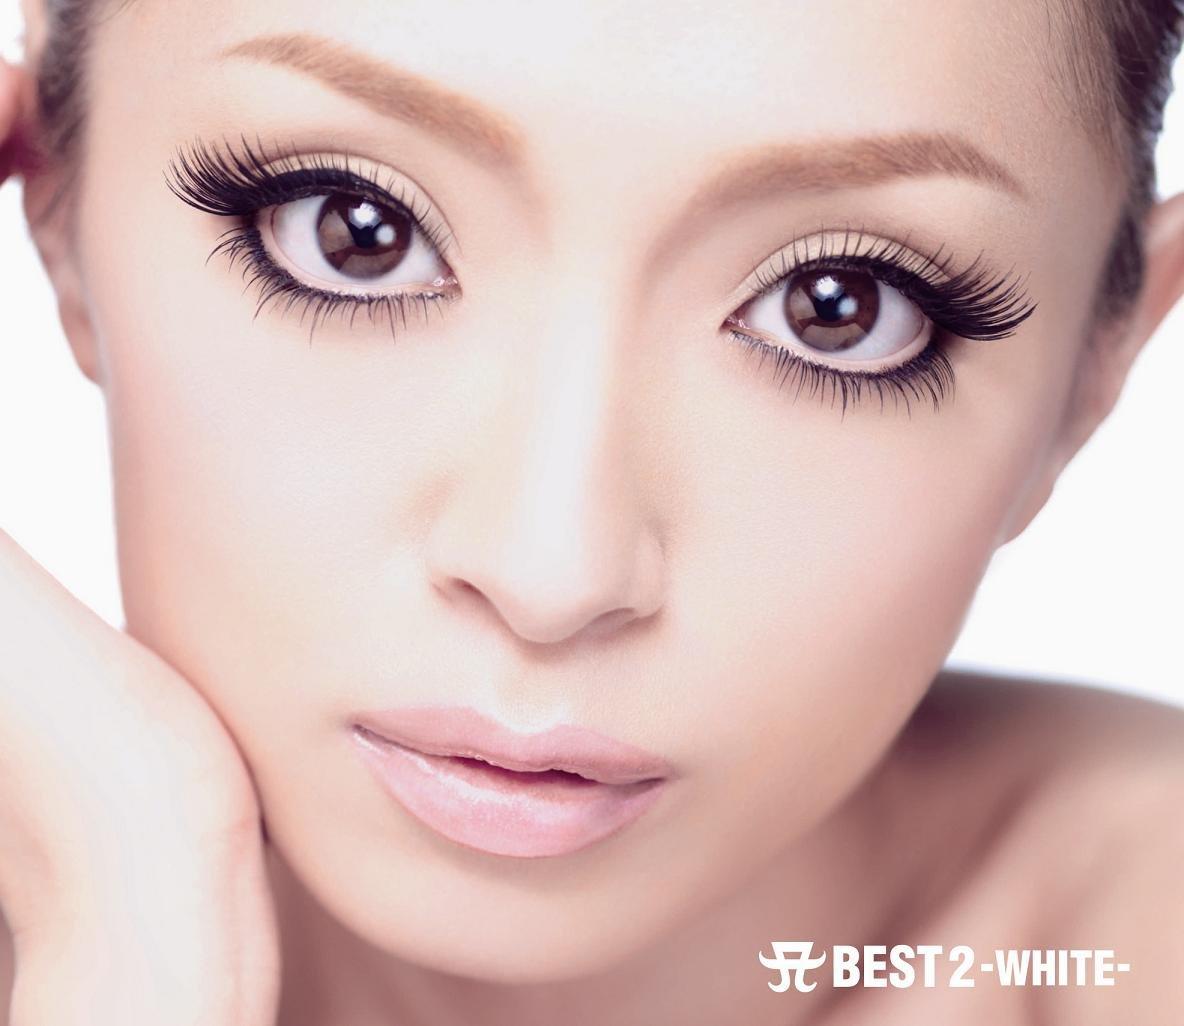 7 советов визажиста: как сделать глаза большими Женский Как сделать маленькие глаза большими и красивыми